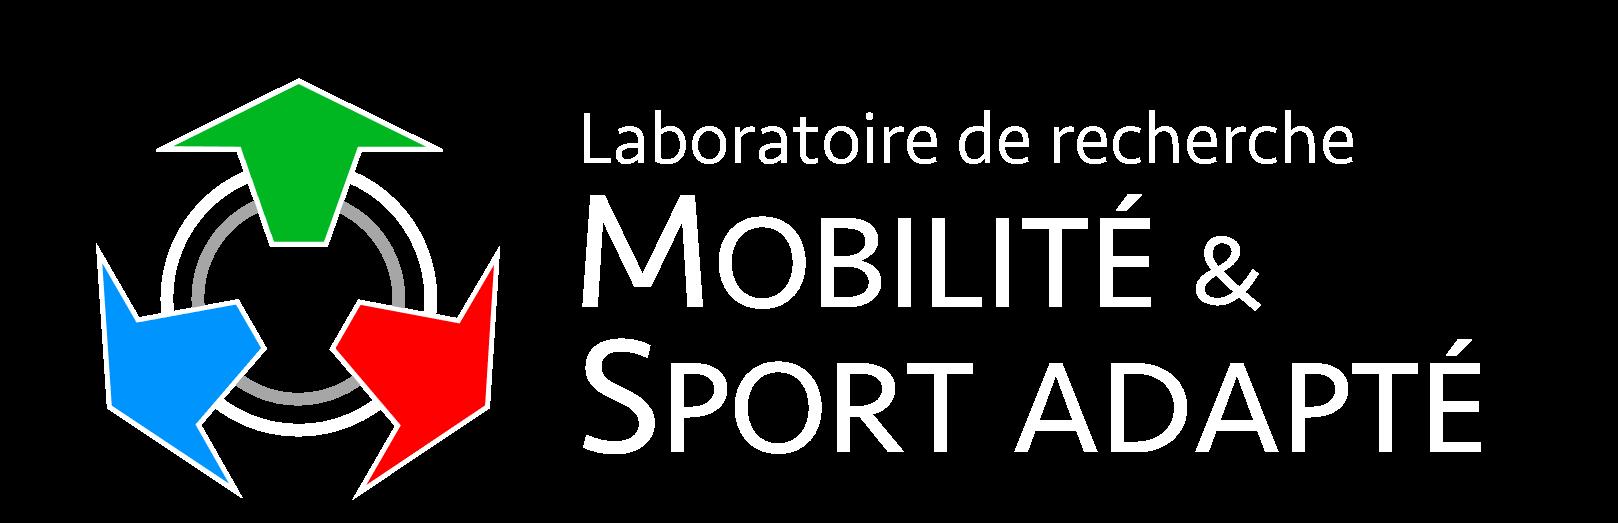 Laboratoire de recherche en mobilité et sport adapté